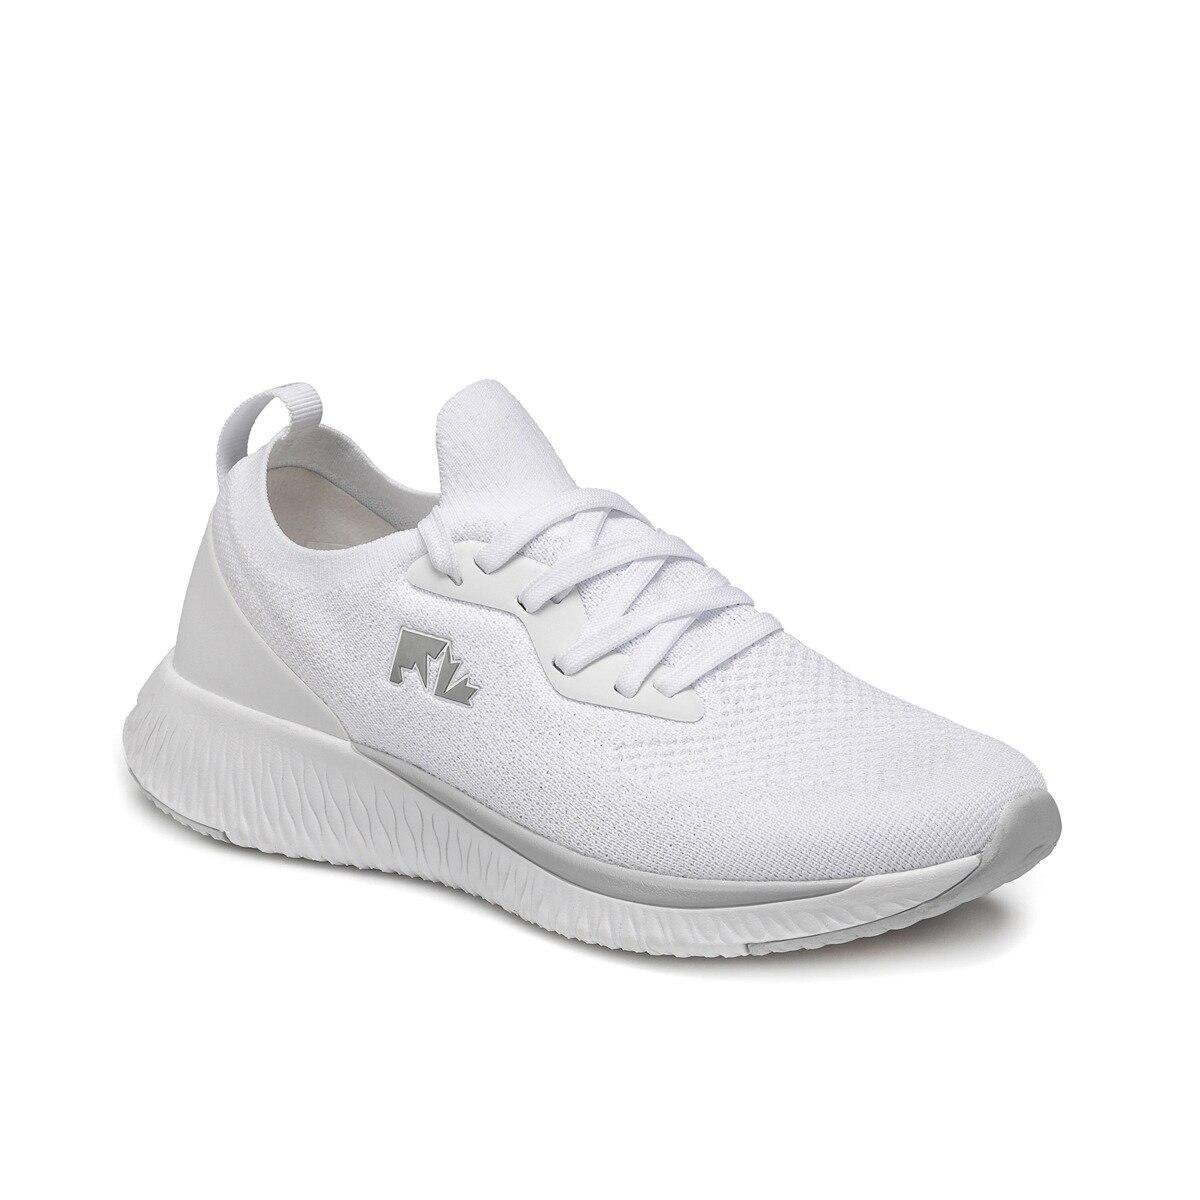 FLO CHARLEY White Men 'S Running Shoe LUMBERJACK